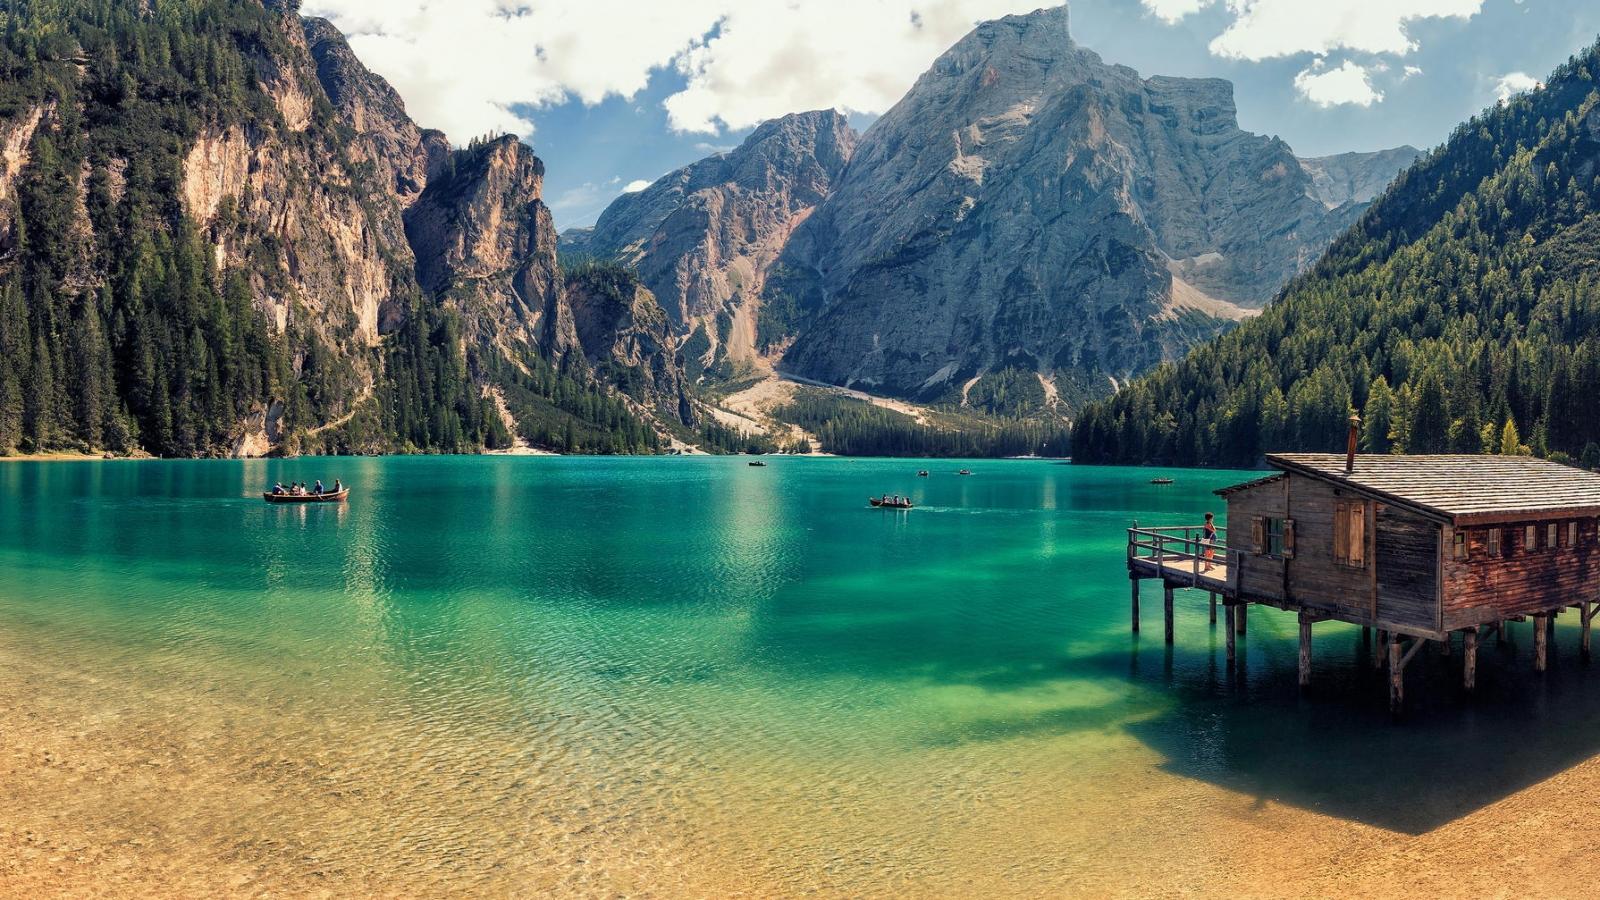 Lago Di Braies de Italia - 1600x900